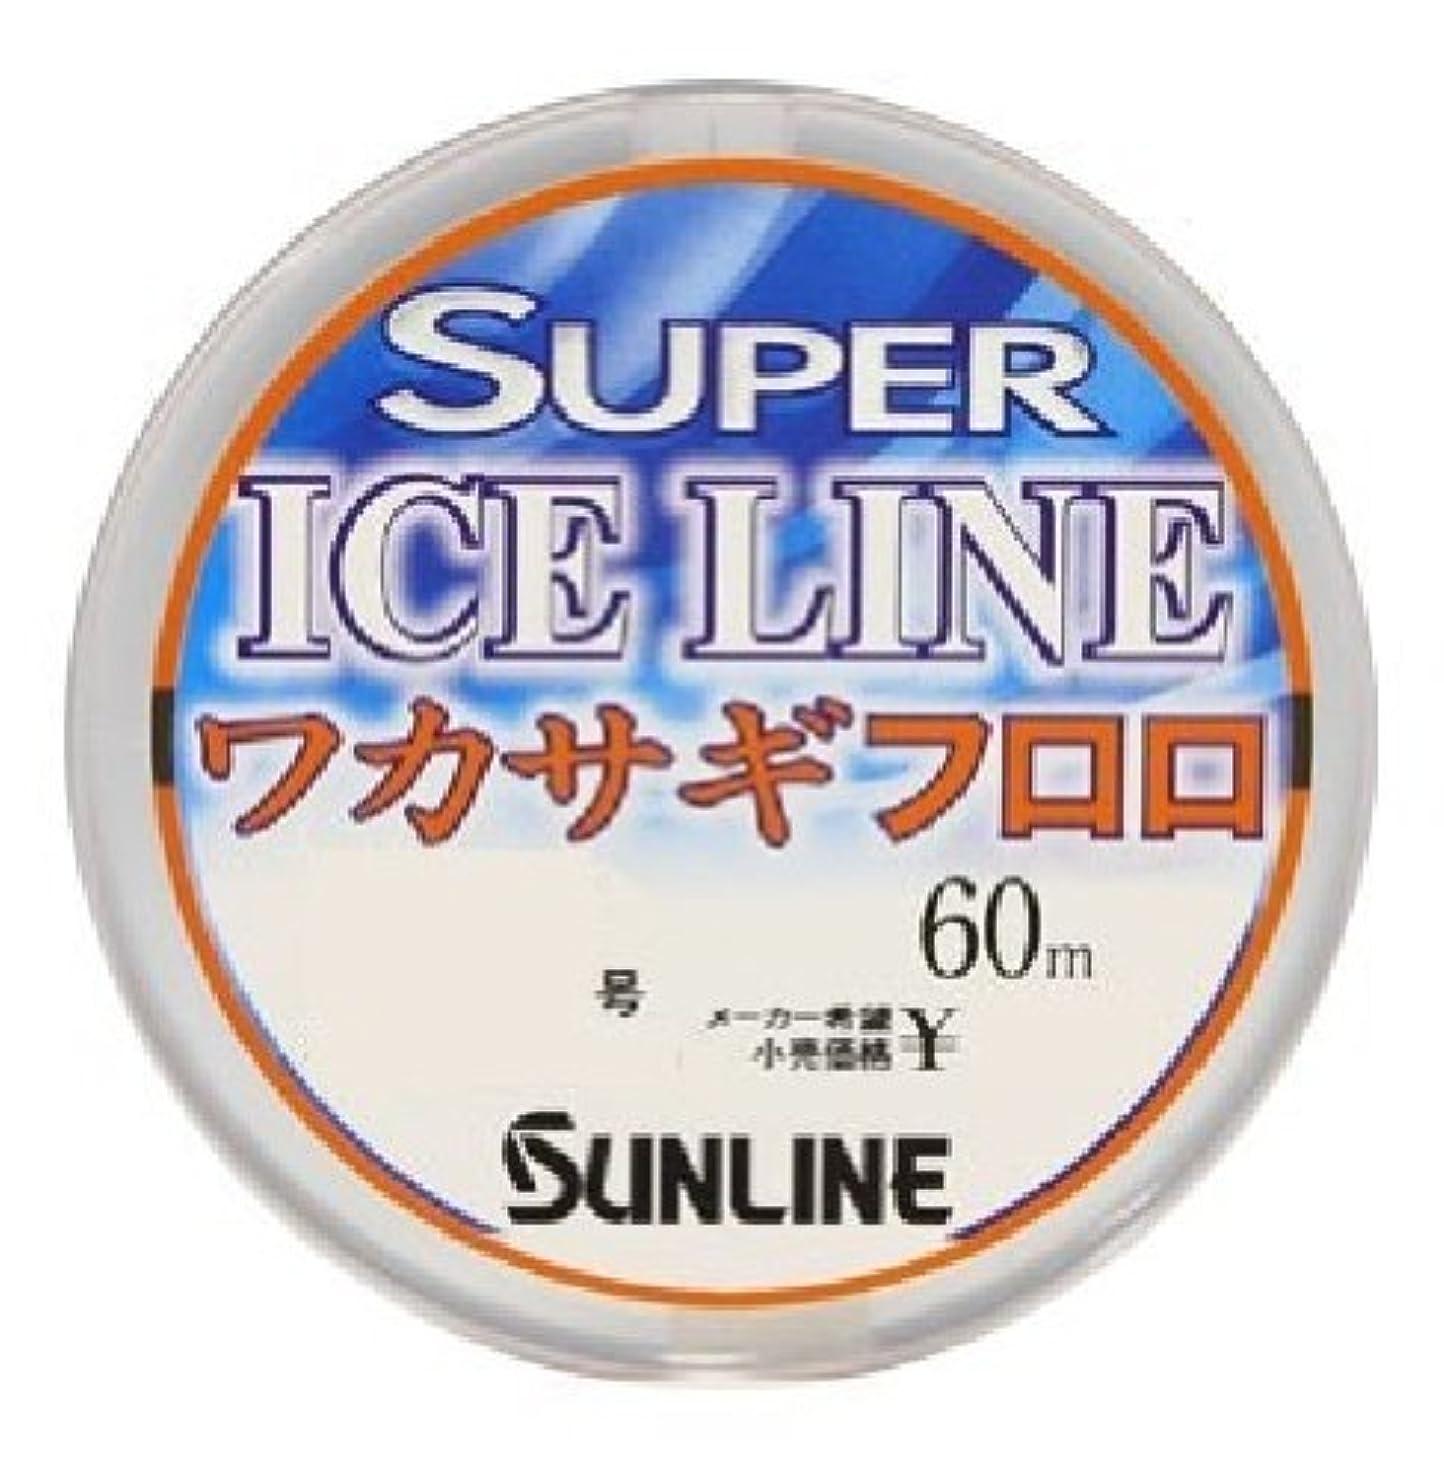 シャイニングきらめき気質サンライン(SUNLINE) フロロカーボンライン スーパーアイス ワカサギ 60m 0.3号